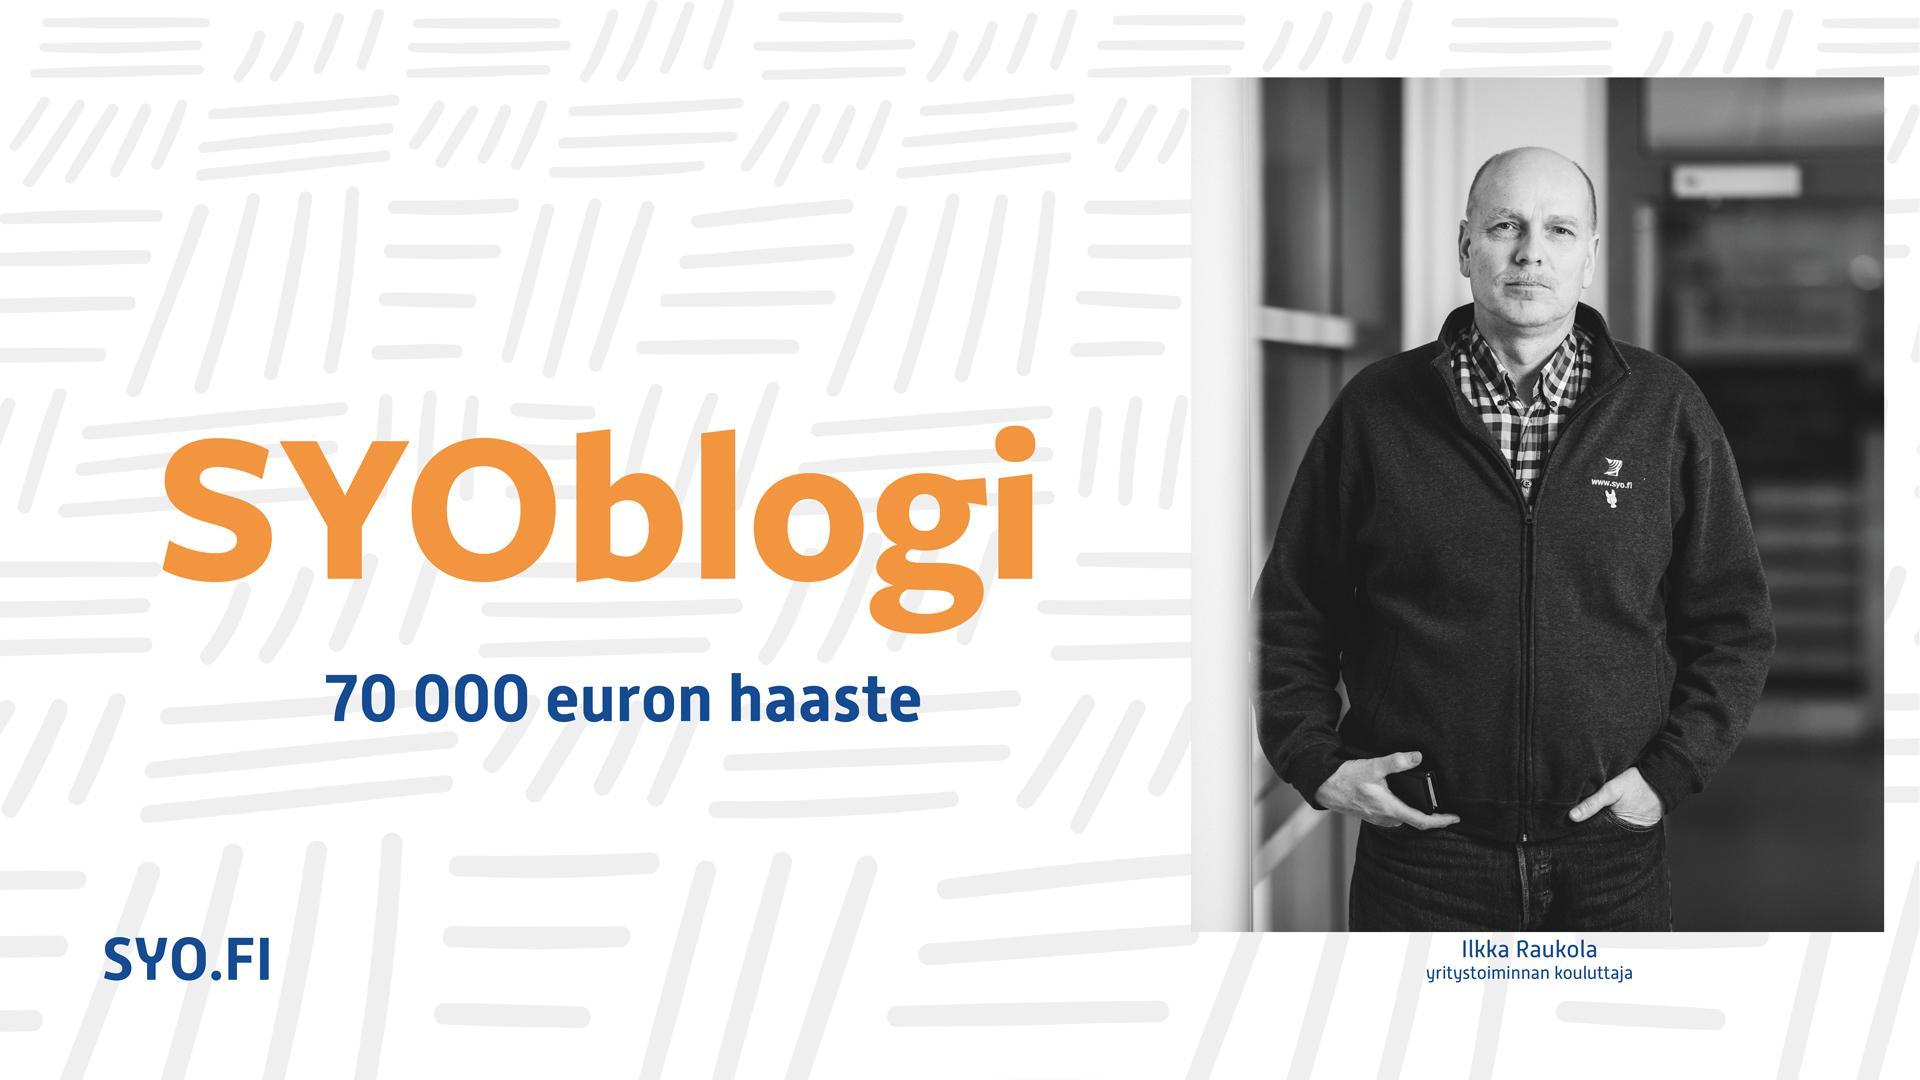 SYOblogi, 70 000 euron haaste, Ilkka Raukola.